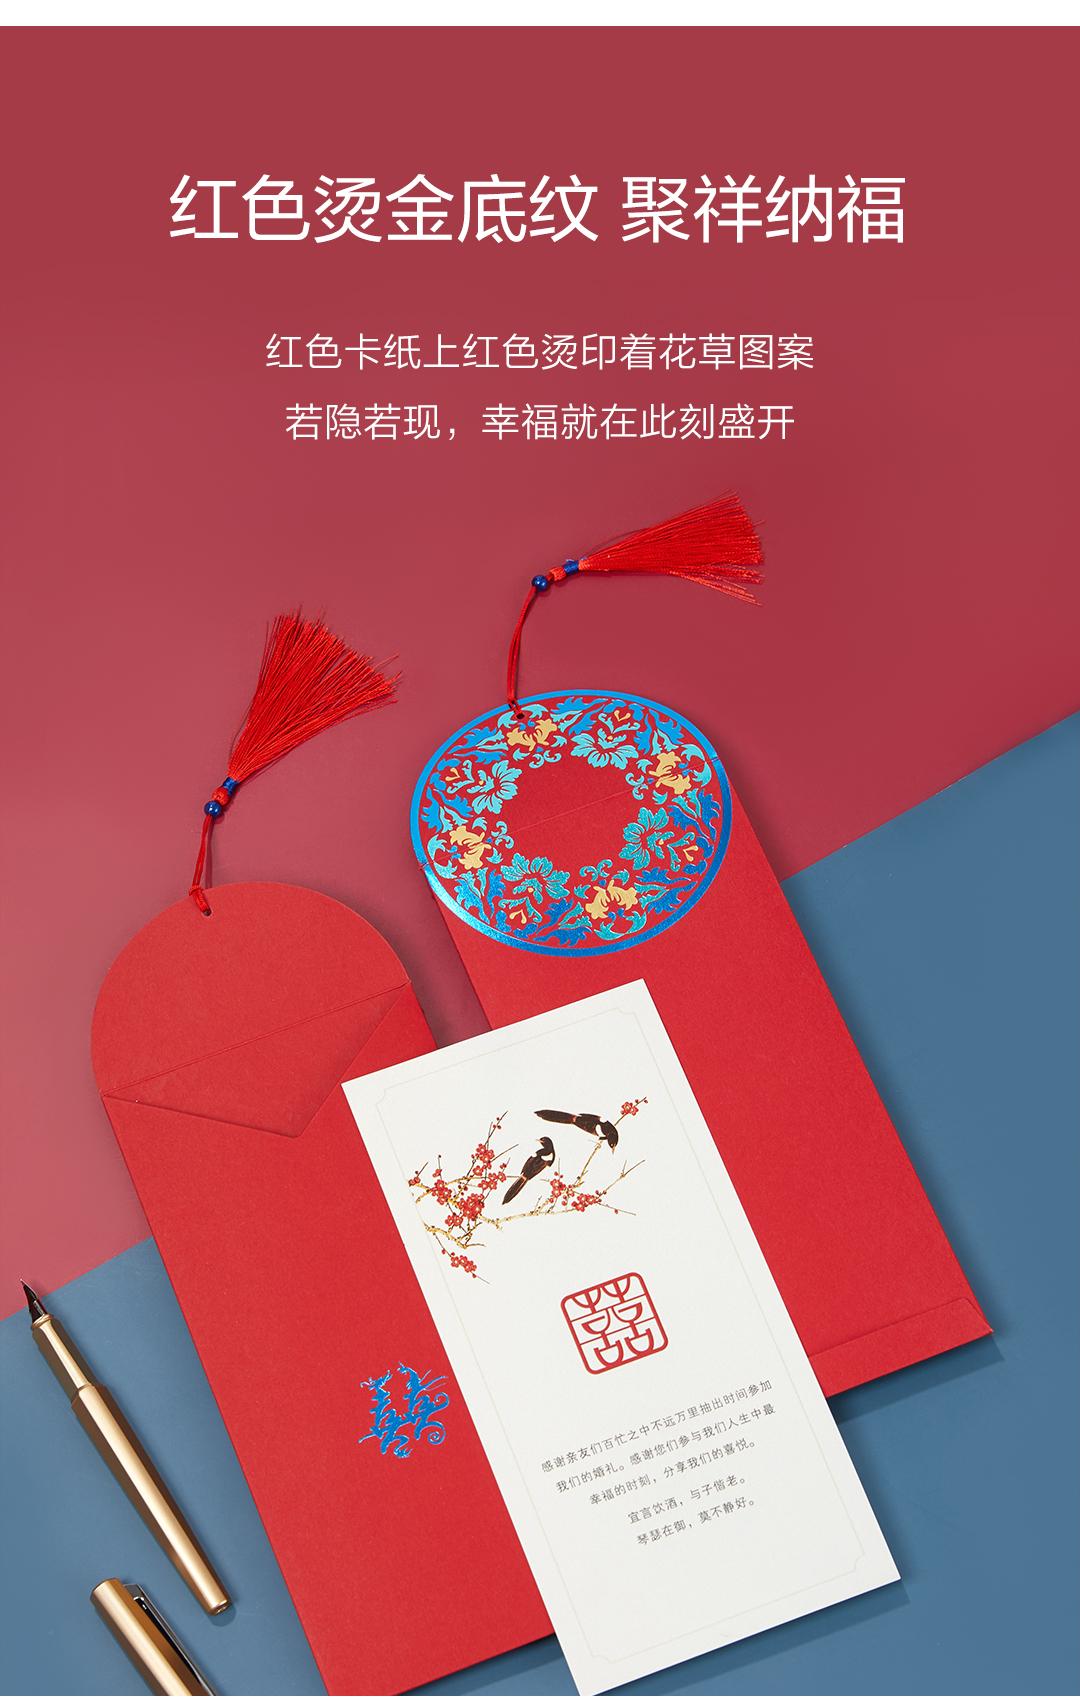 新中式烫金流苏喜字请柬